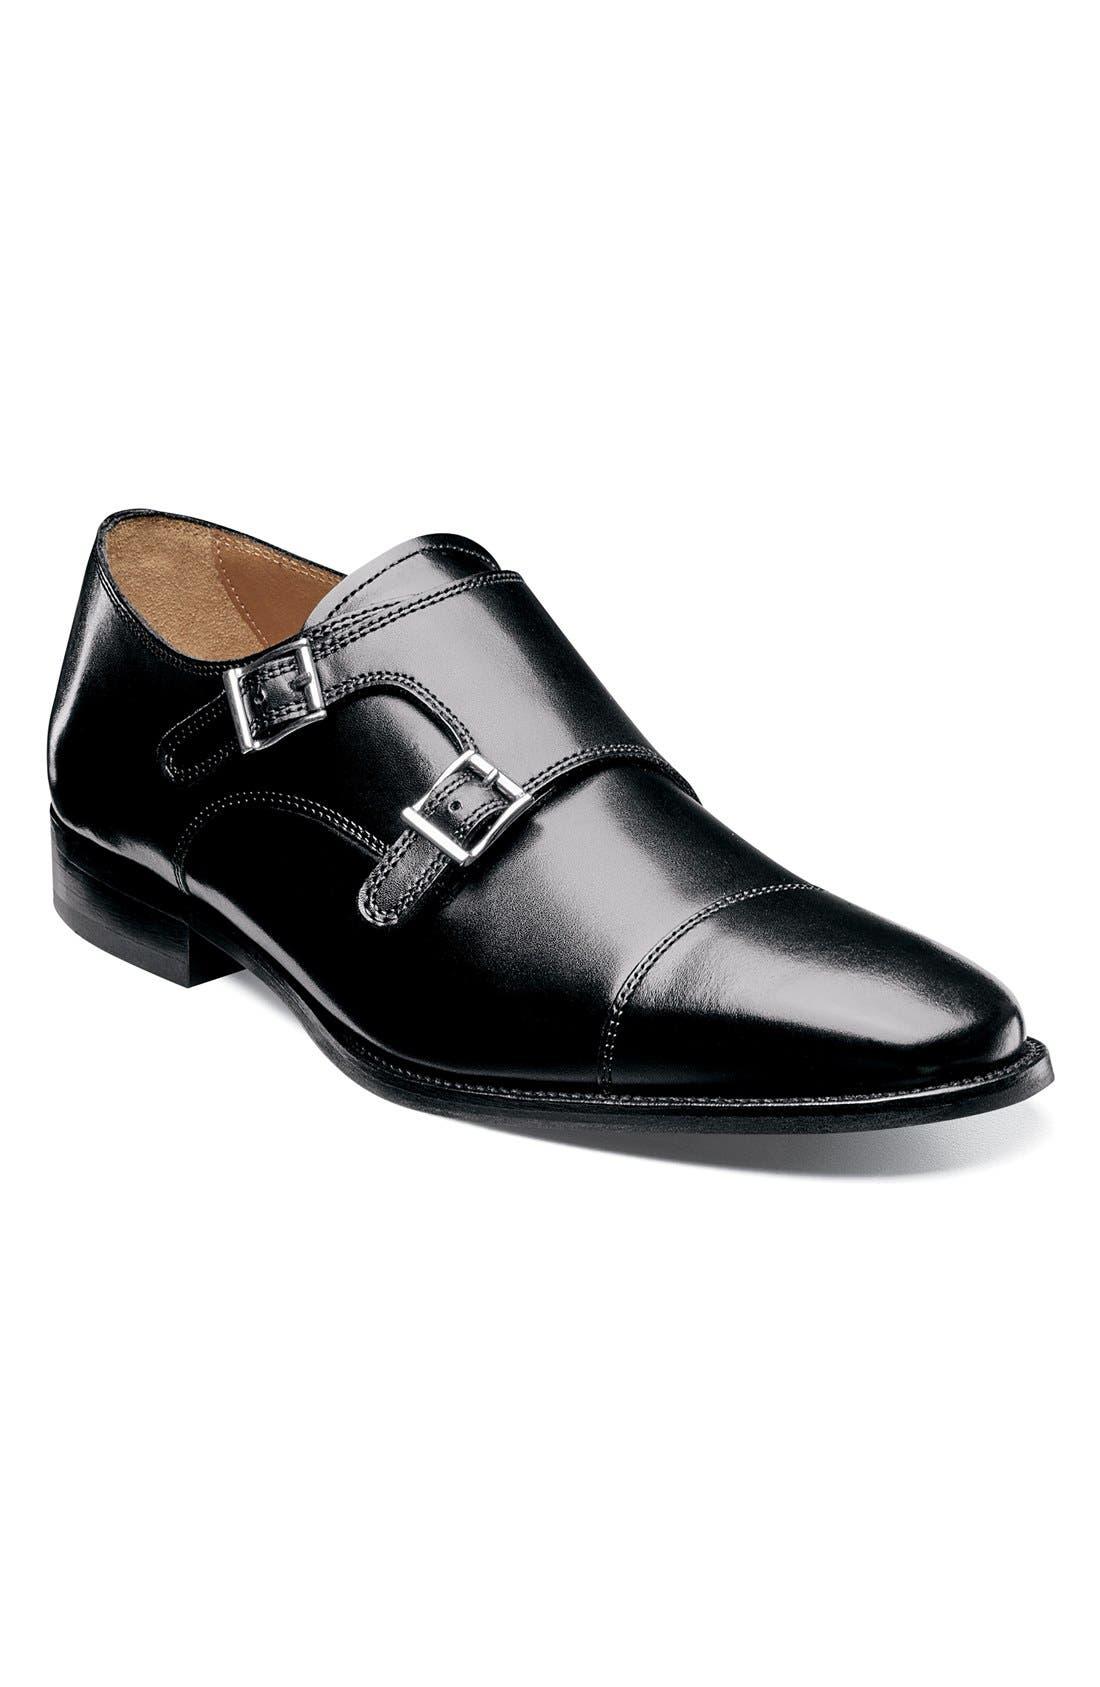 'Sabato' Double Monk Strap Shoe,                         Main,                         color, 001